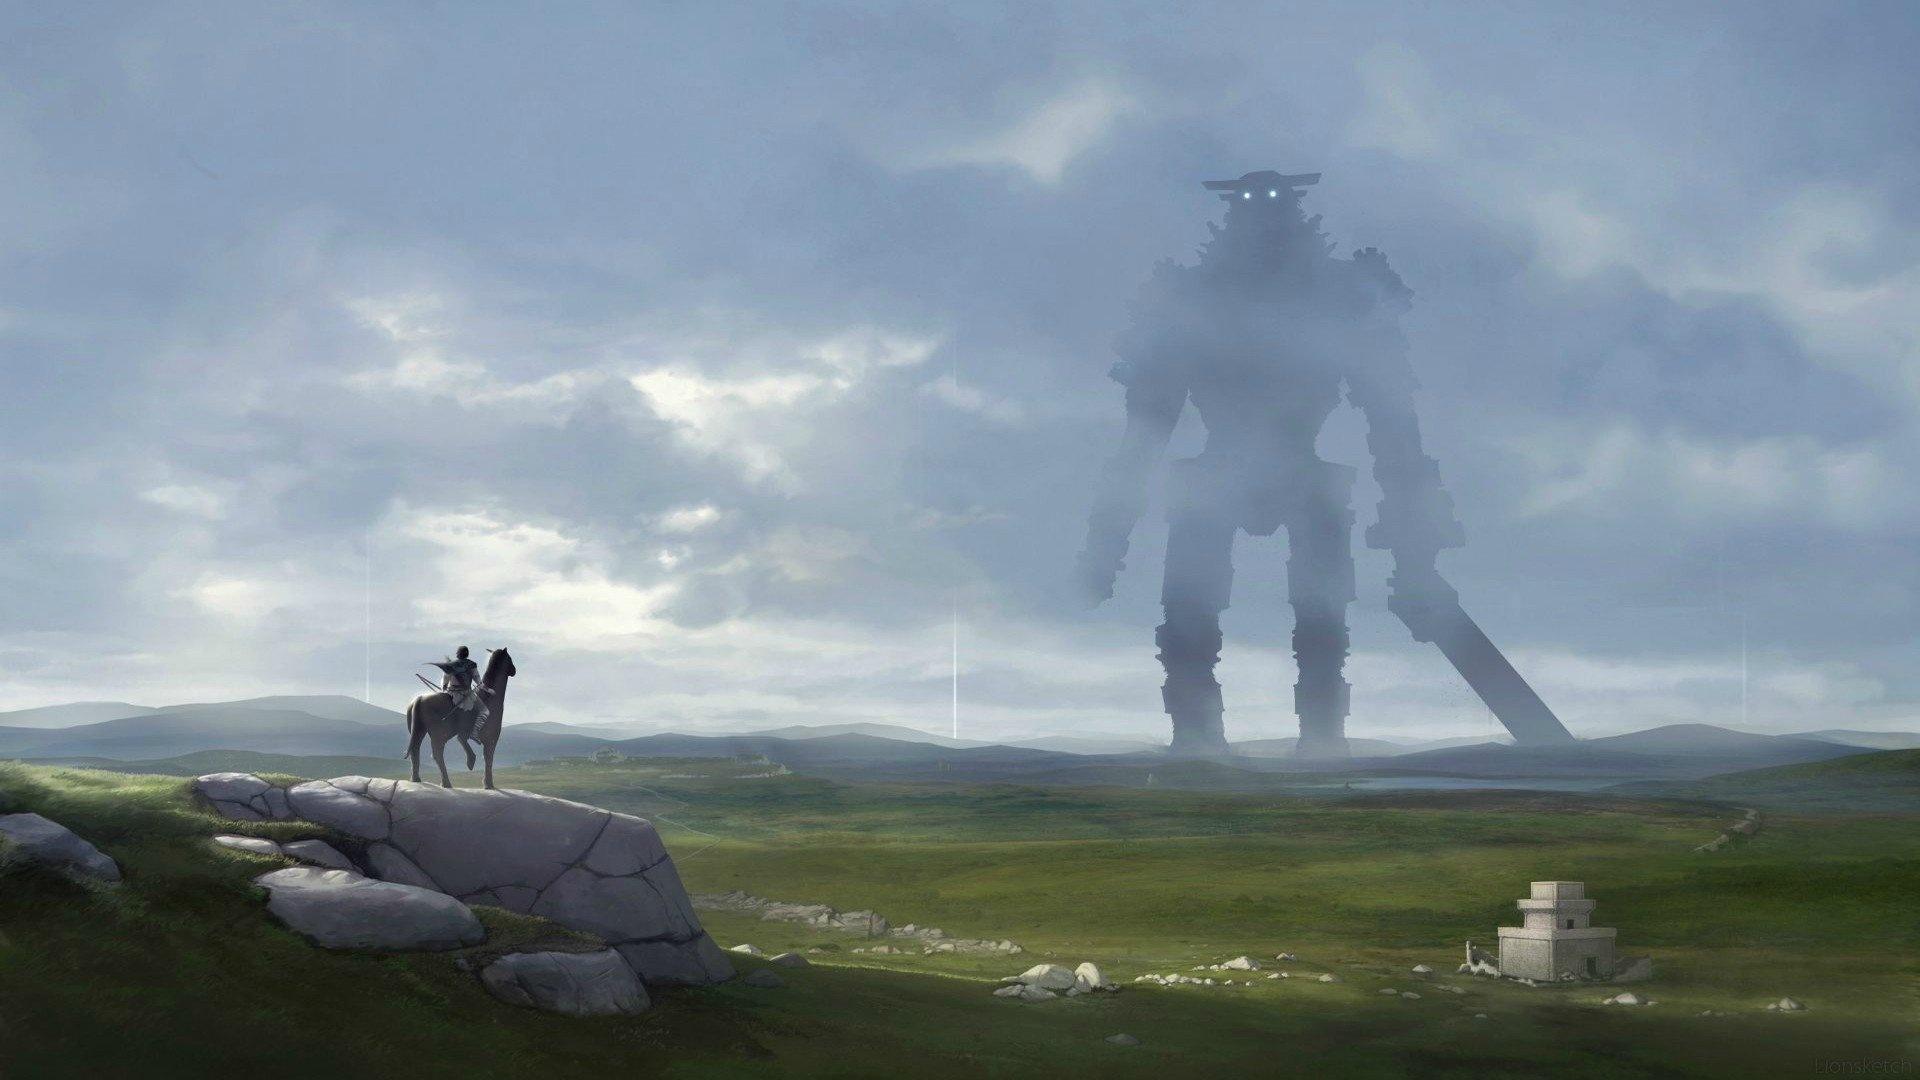 Giant Art free image